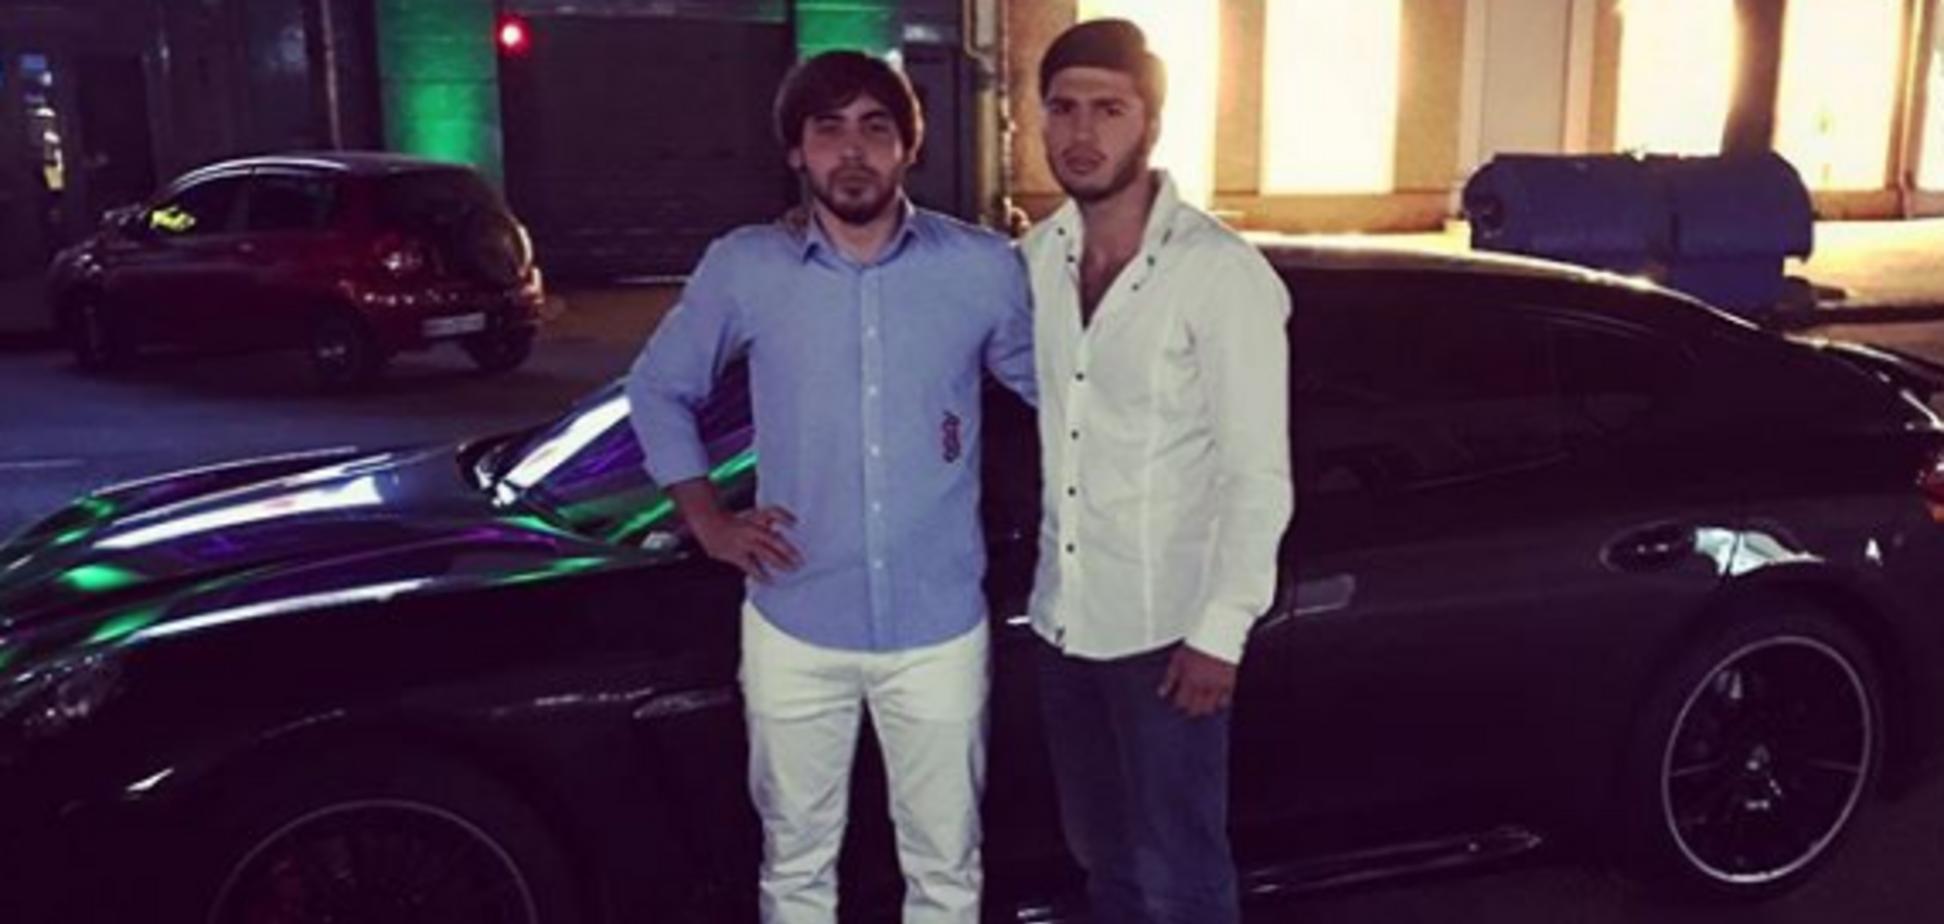 В Одессе разбился брат-мажор чемпиона мира по боксу: нашлись их личные фото